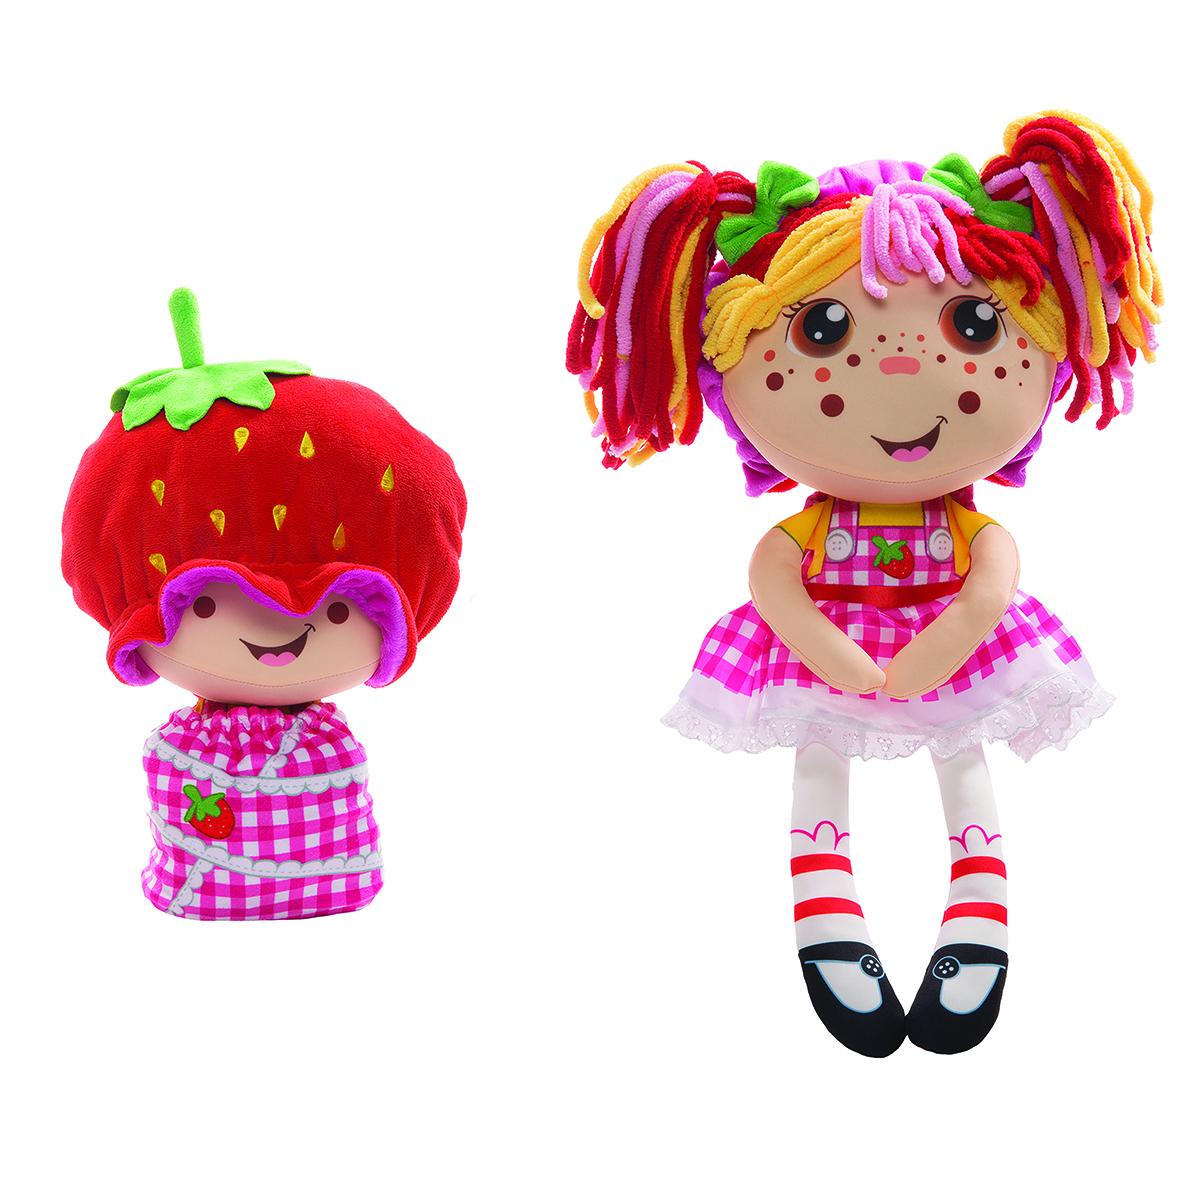 Мягкая игрушка 1toy Девчушка-вывернушка Ксюшка мягкая игрушка девчушка вывернушка ксюшка 2в1 23 38 см